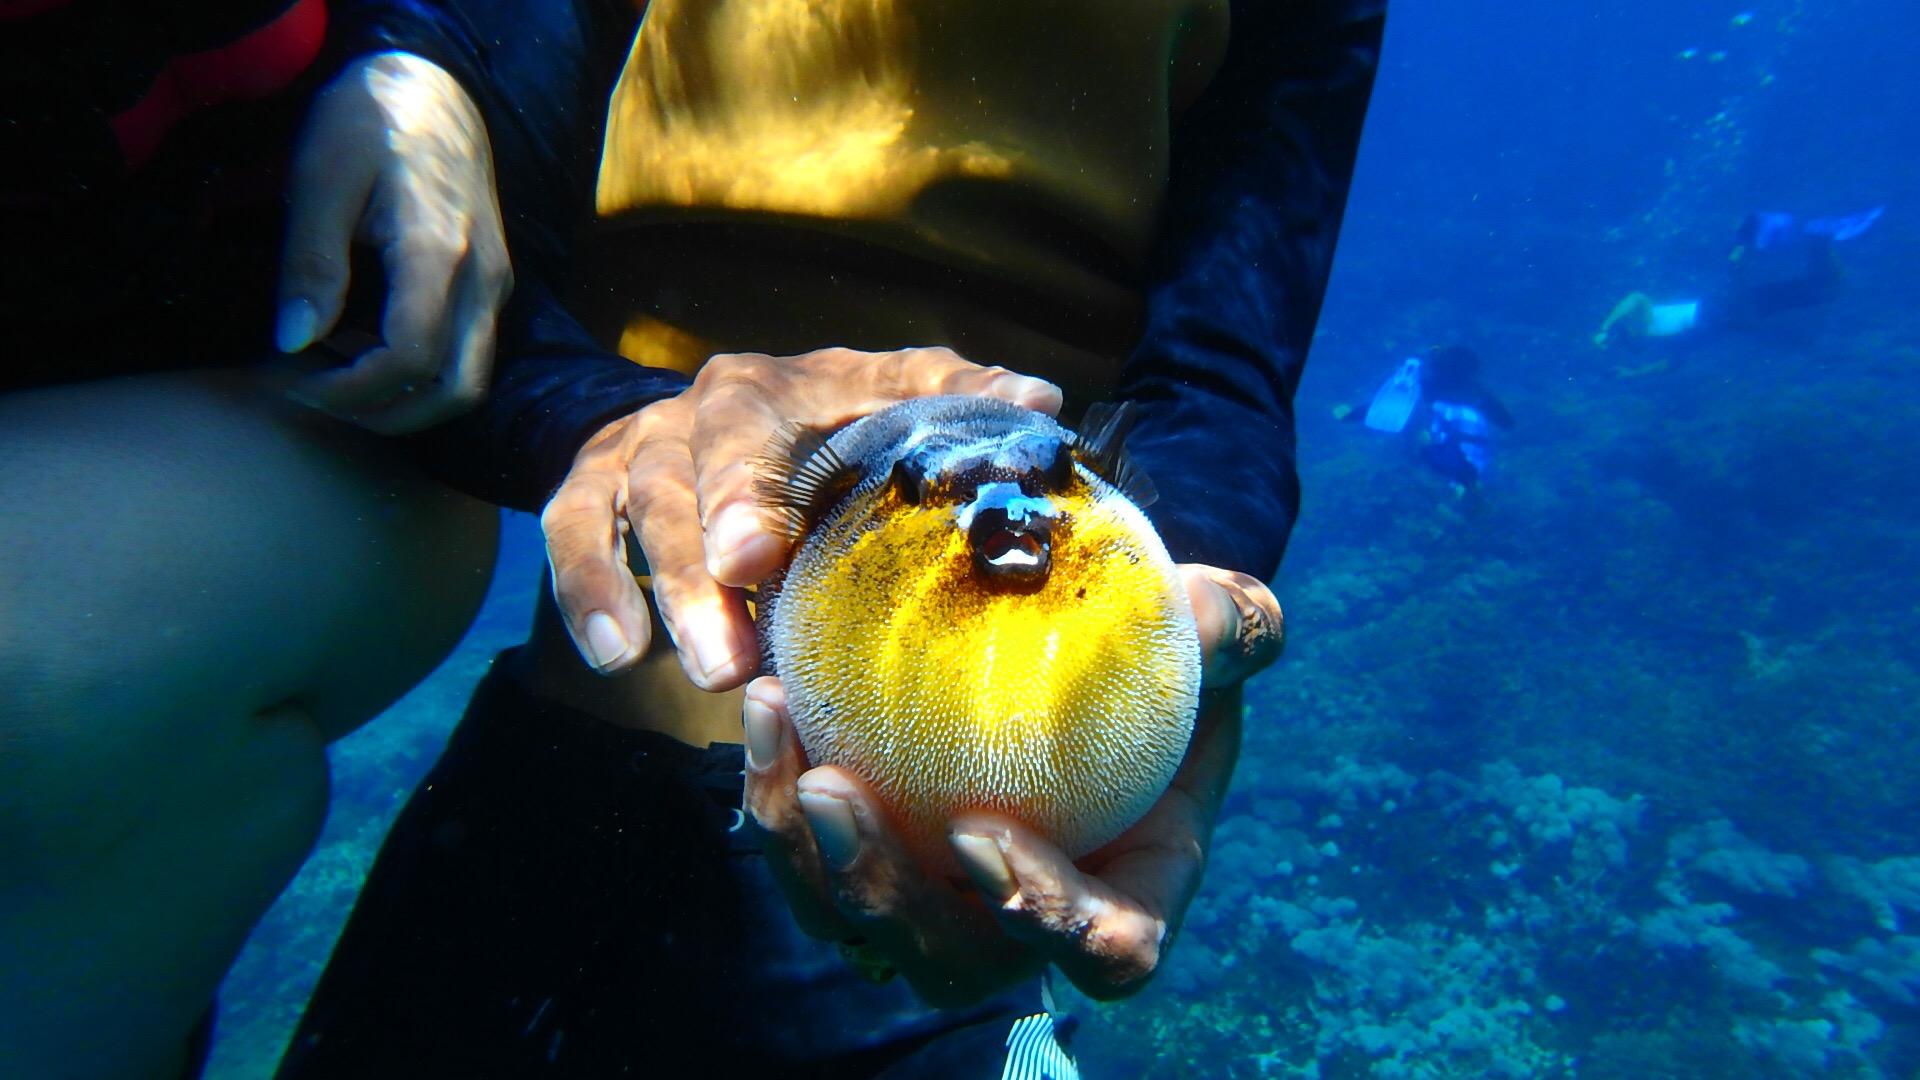 バリ島離島のレンボンガン島シュノーケリング謎の魚